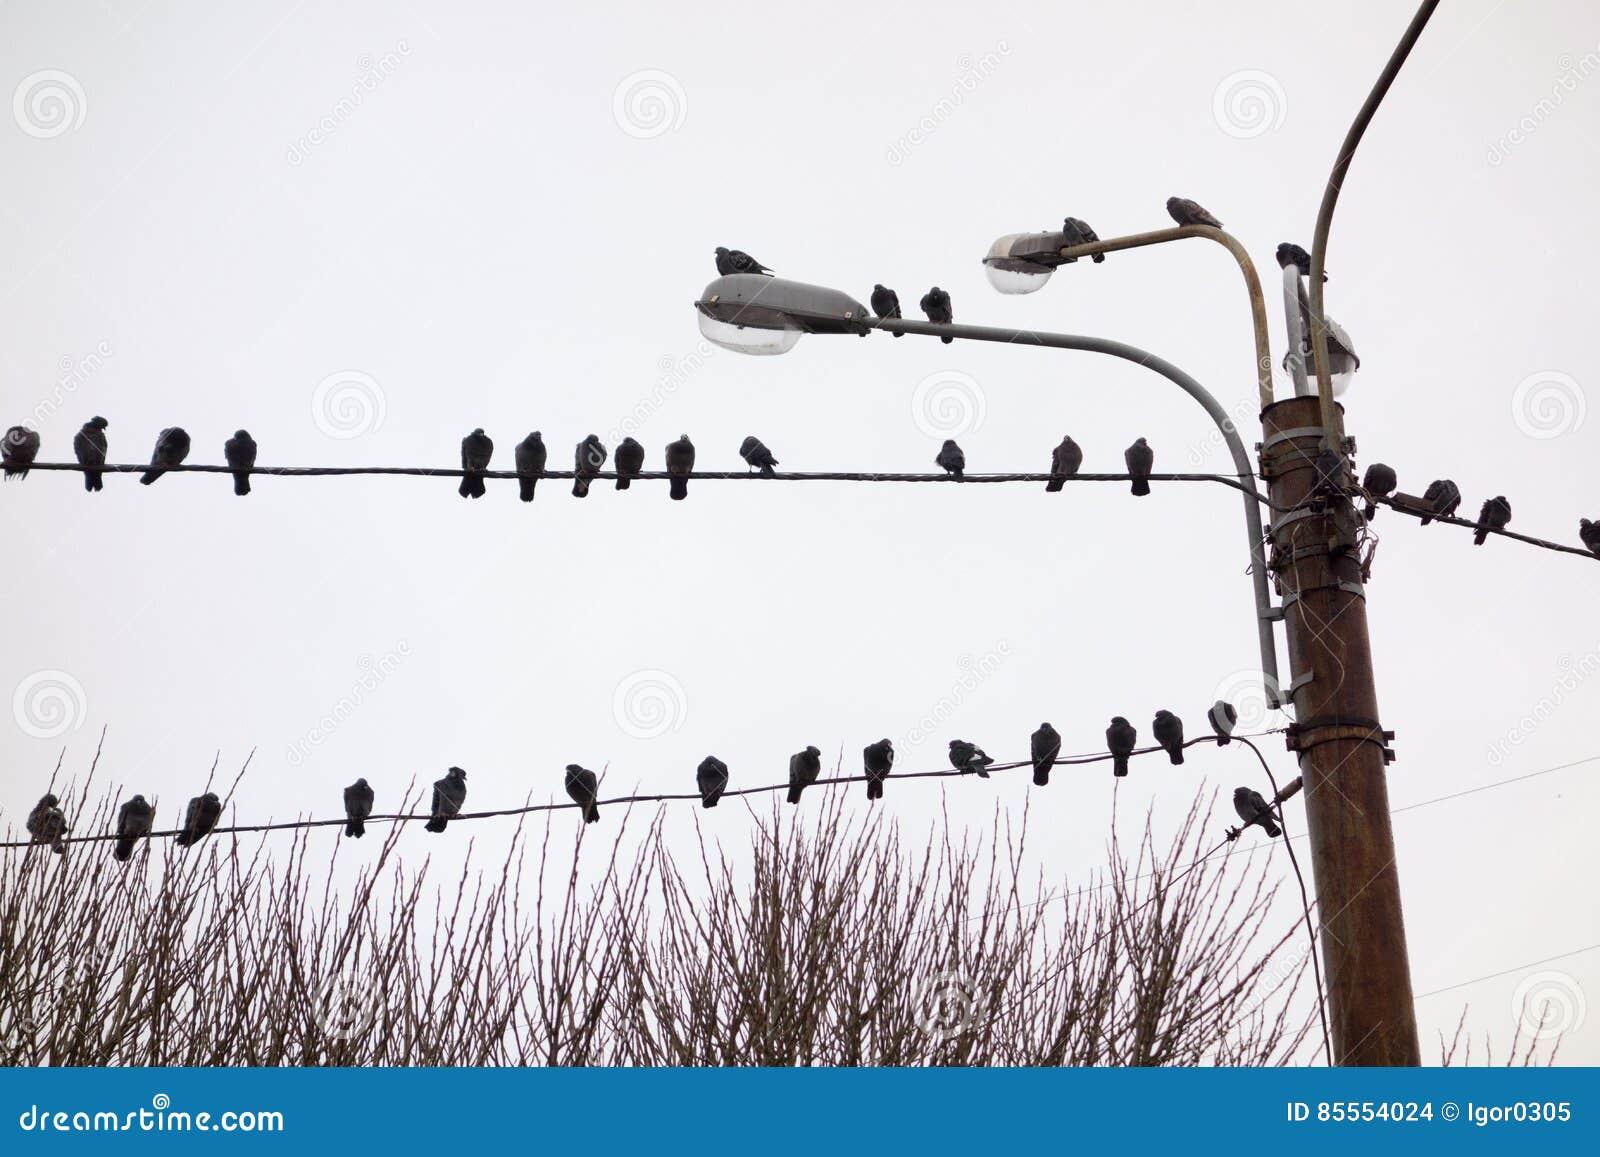 Tauben auf Drähten